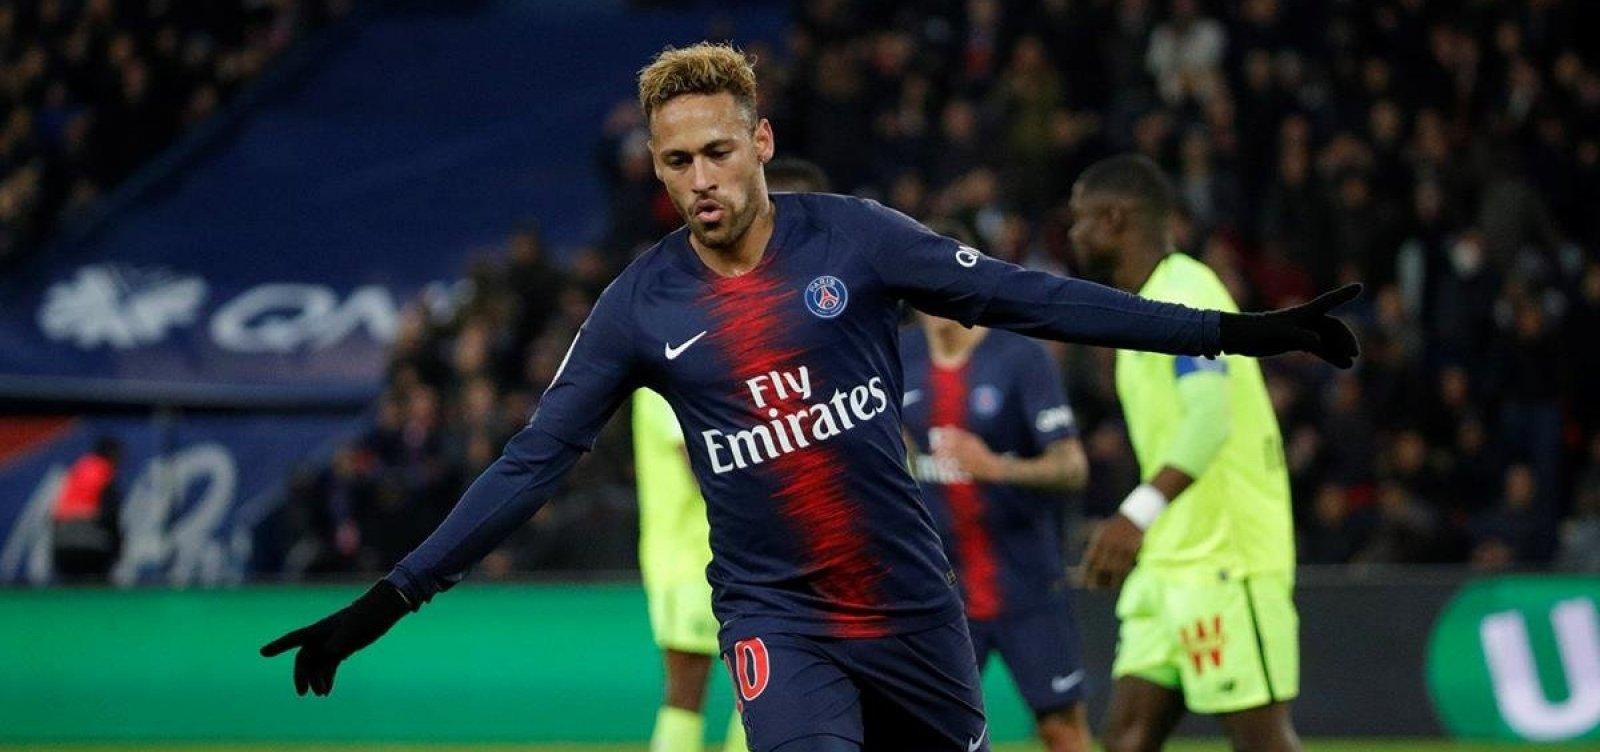 Vazamentos indicam que Neymar recebia bônus por saudar torcida e não criticar técnico